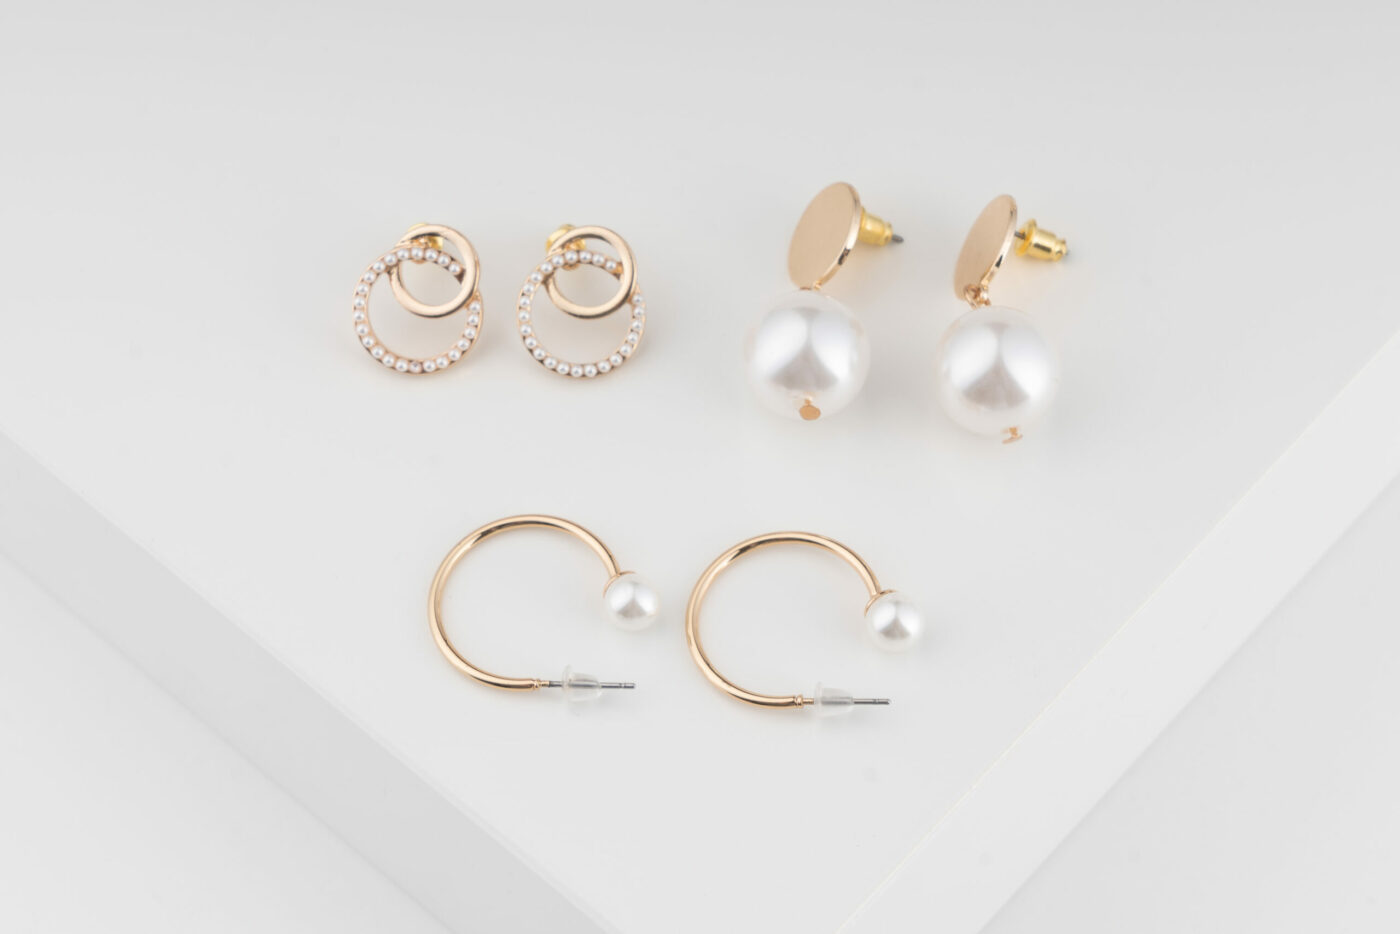 Ein Set von Trisa Accessoires an zierlichen Ohrringen und goldigem Modeschmuck mit weissen Perlen vor weissem Hintergrund.